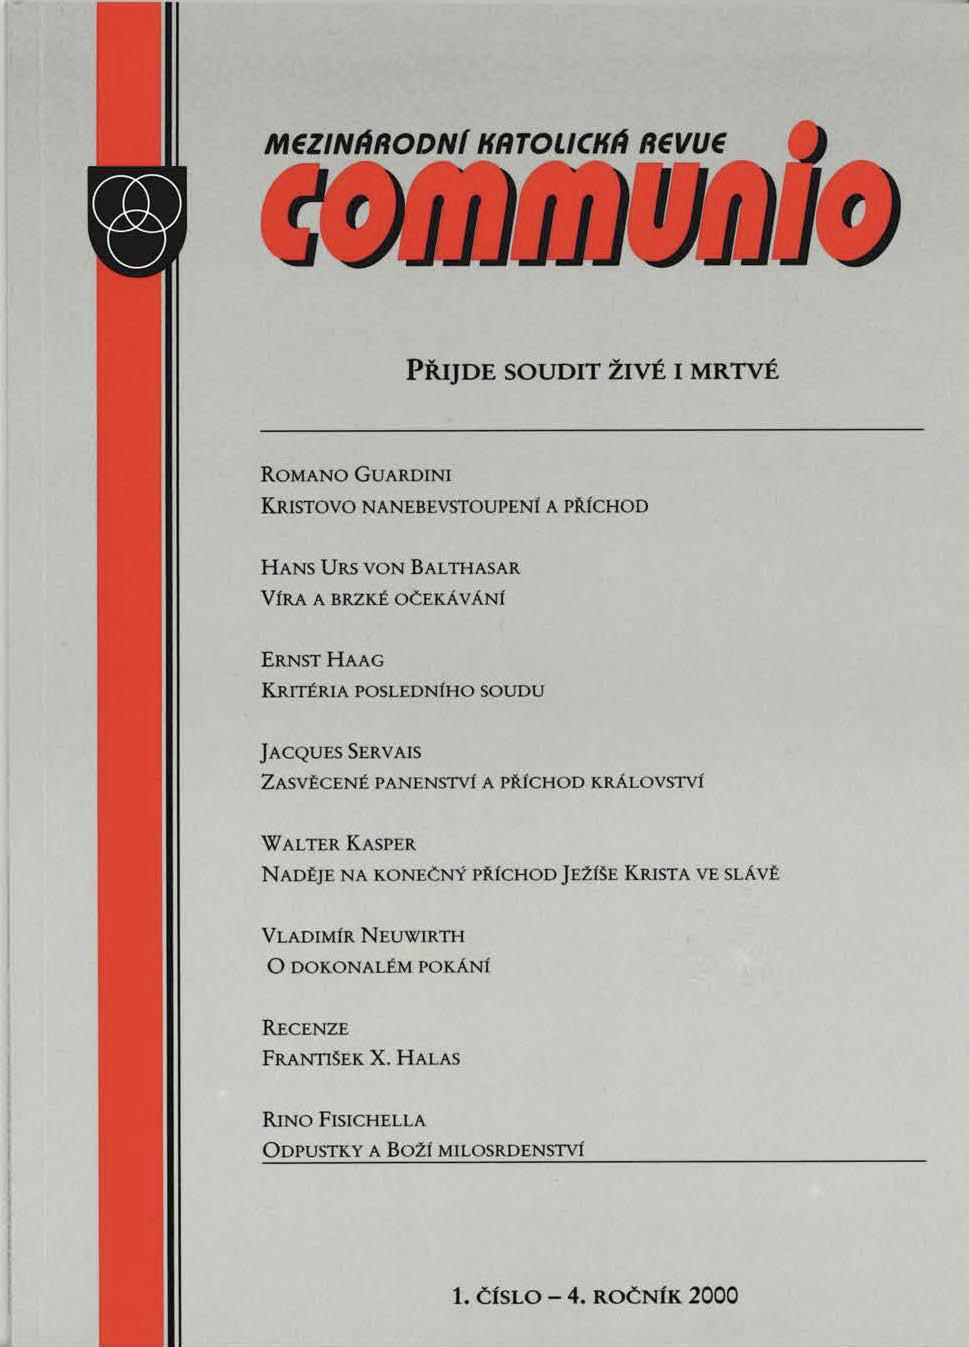 1/2000: Přijde soudit živé i mrtvé